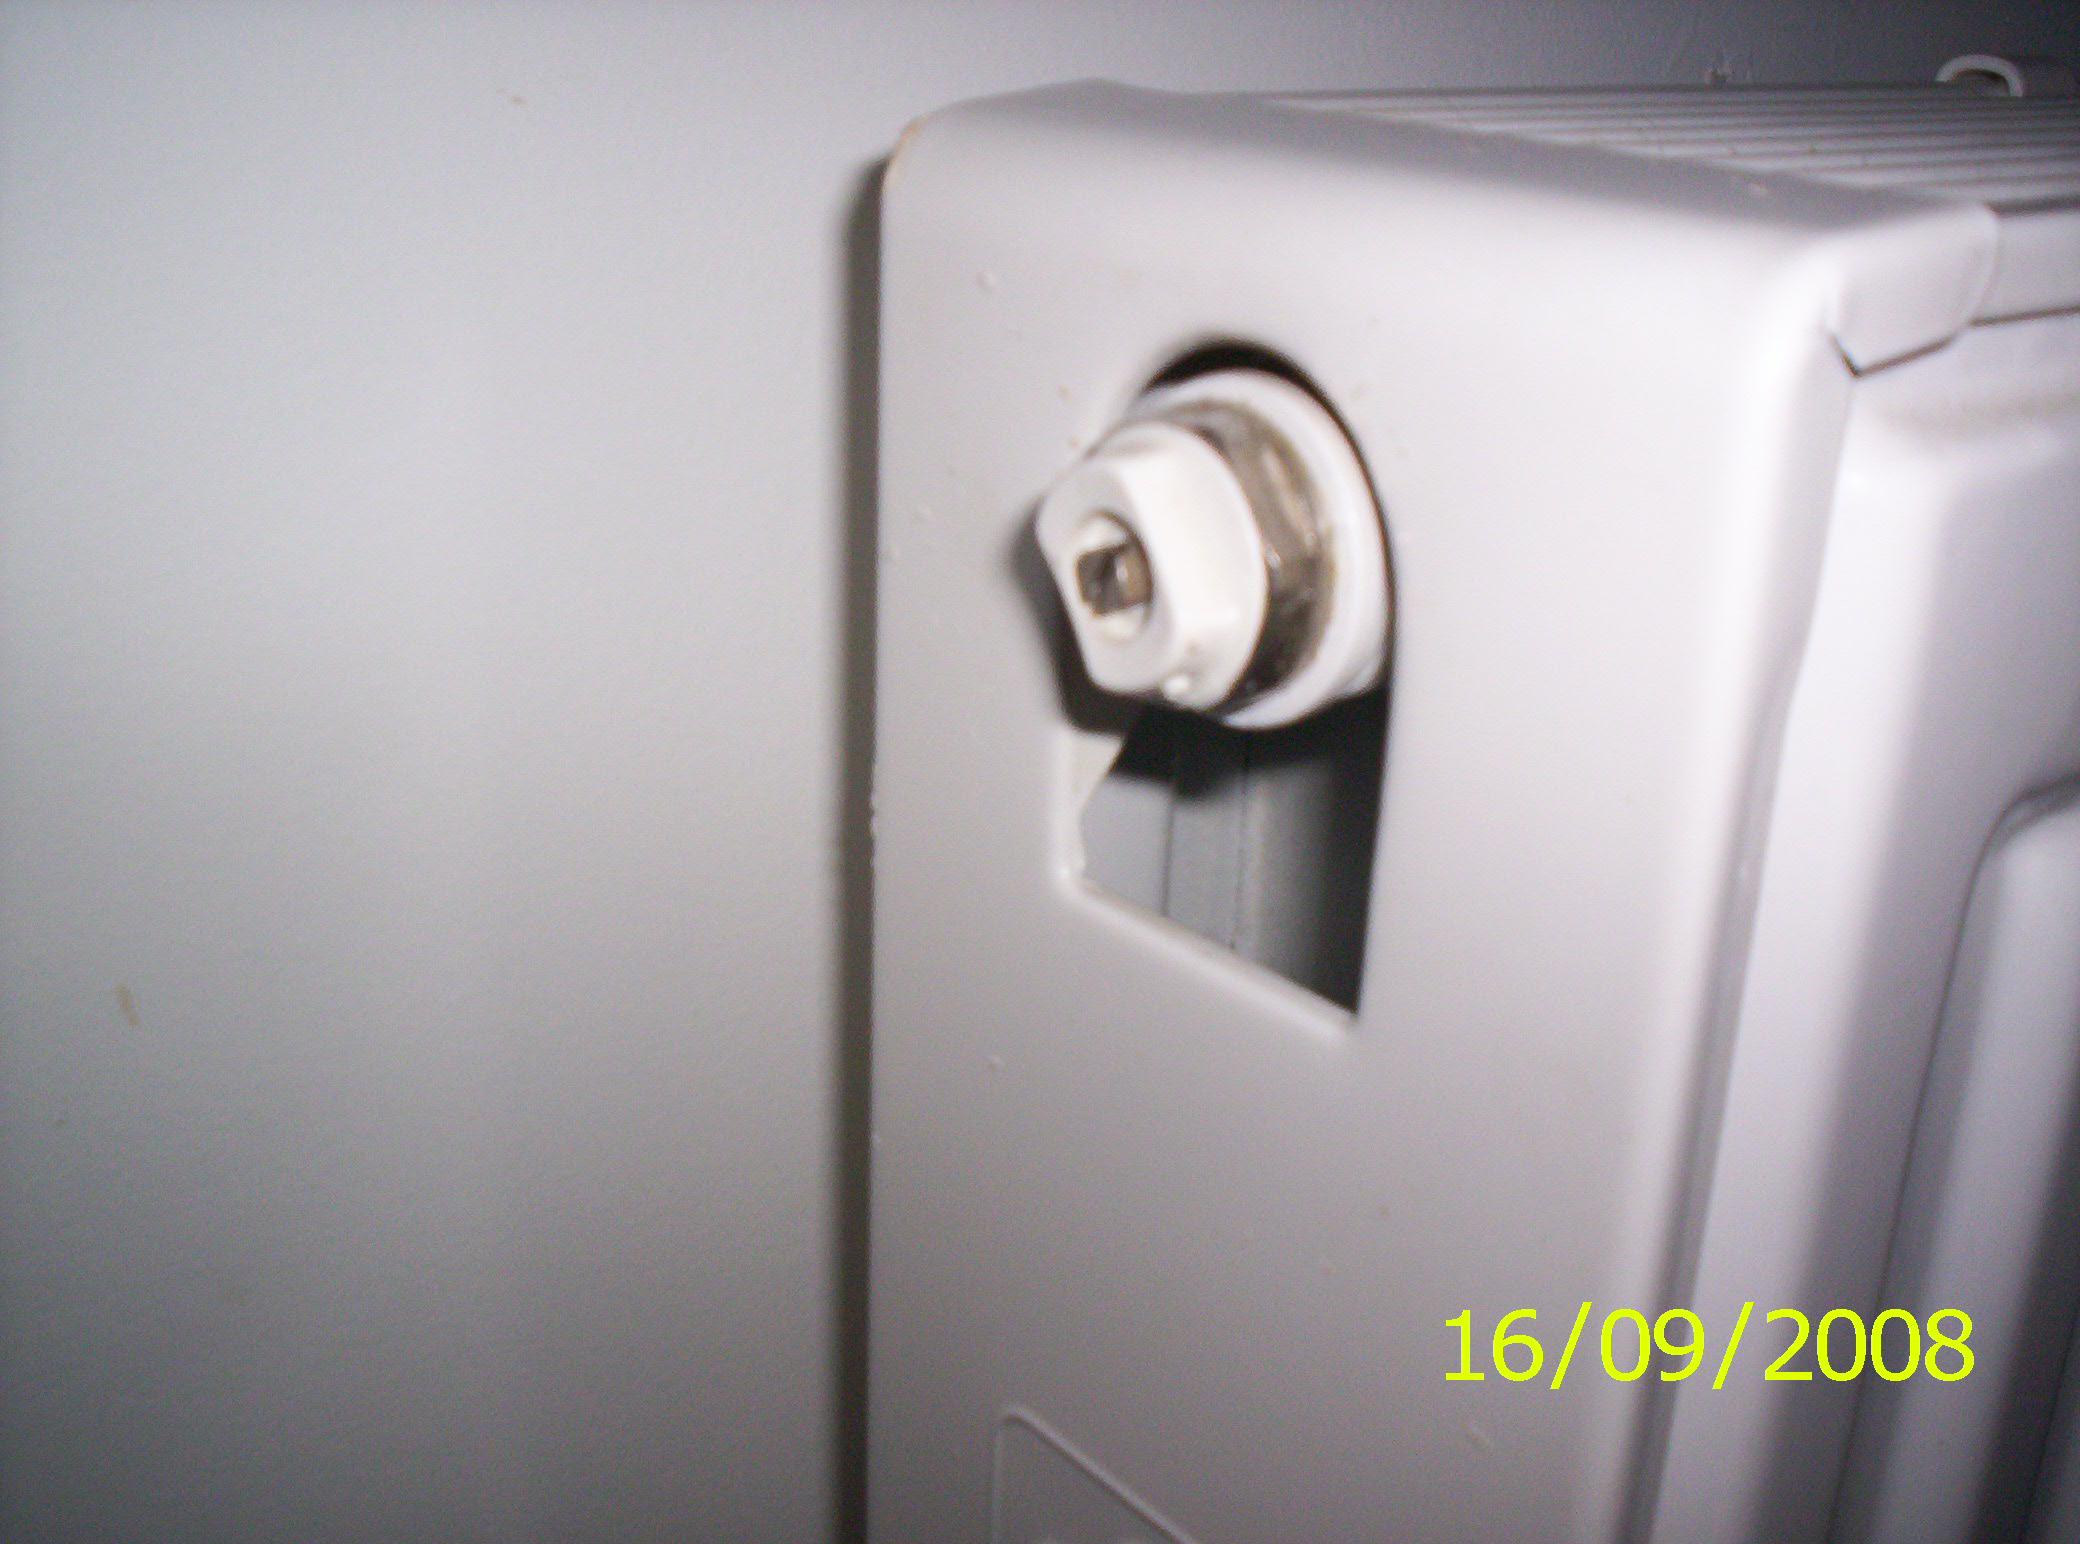 J 39 essaye de purger un radiateur mais rien n 39 en sort for Purge de radiateur de chauffage